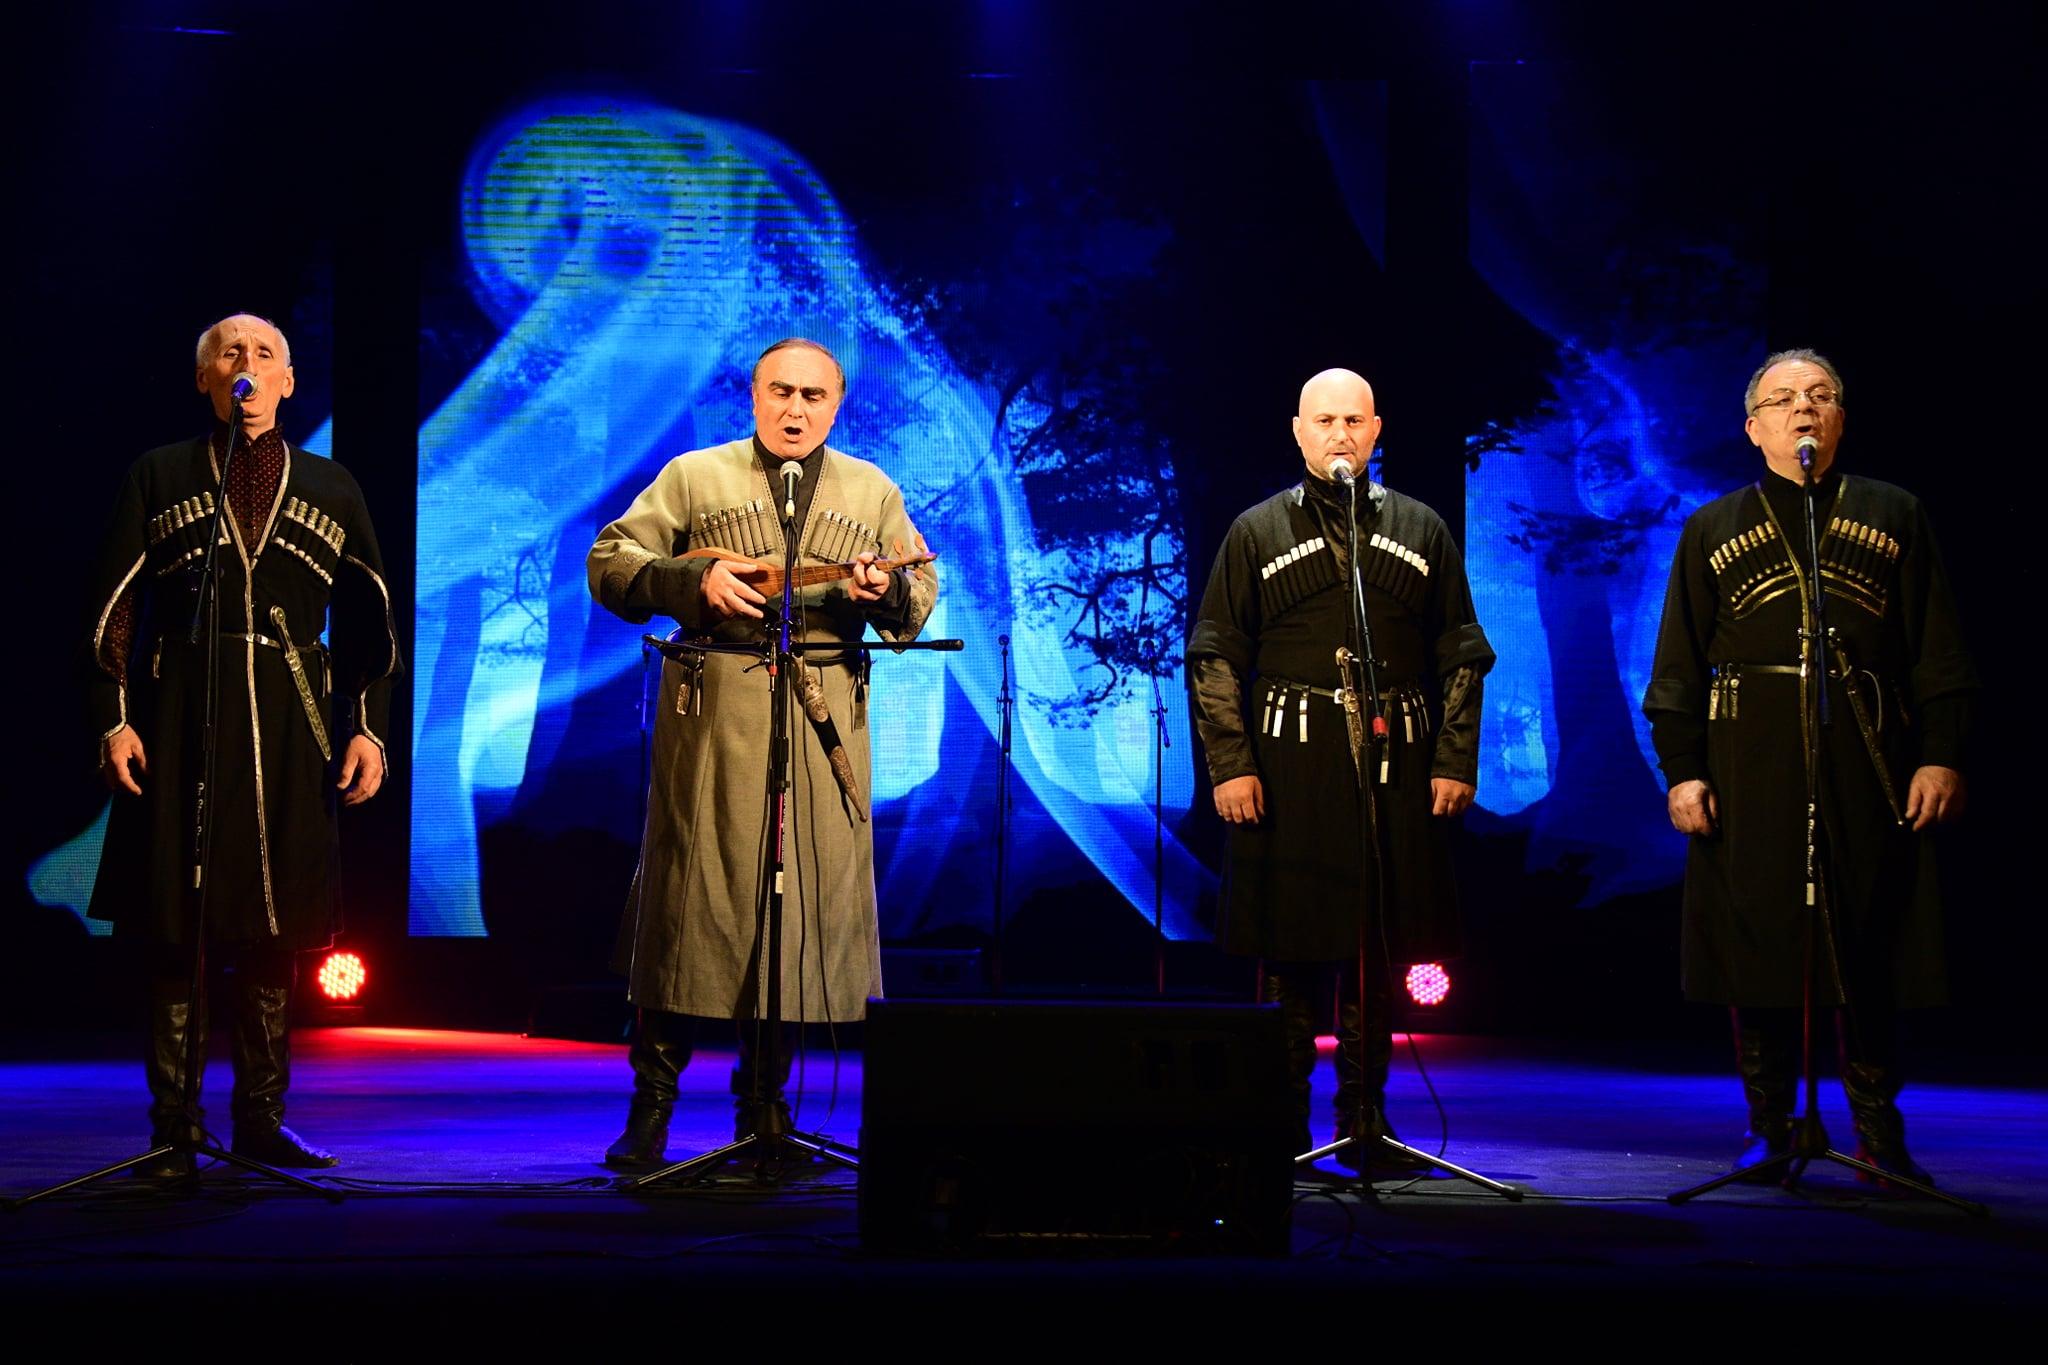 День Победы в Грузии: праздничный концерт 9 мая состоялся в Тбилиси